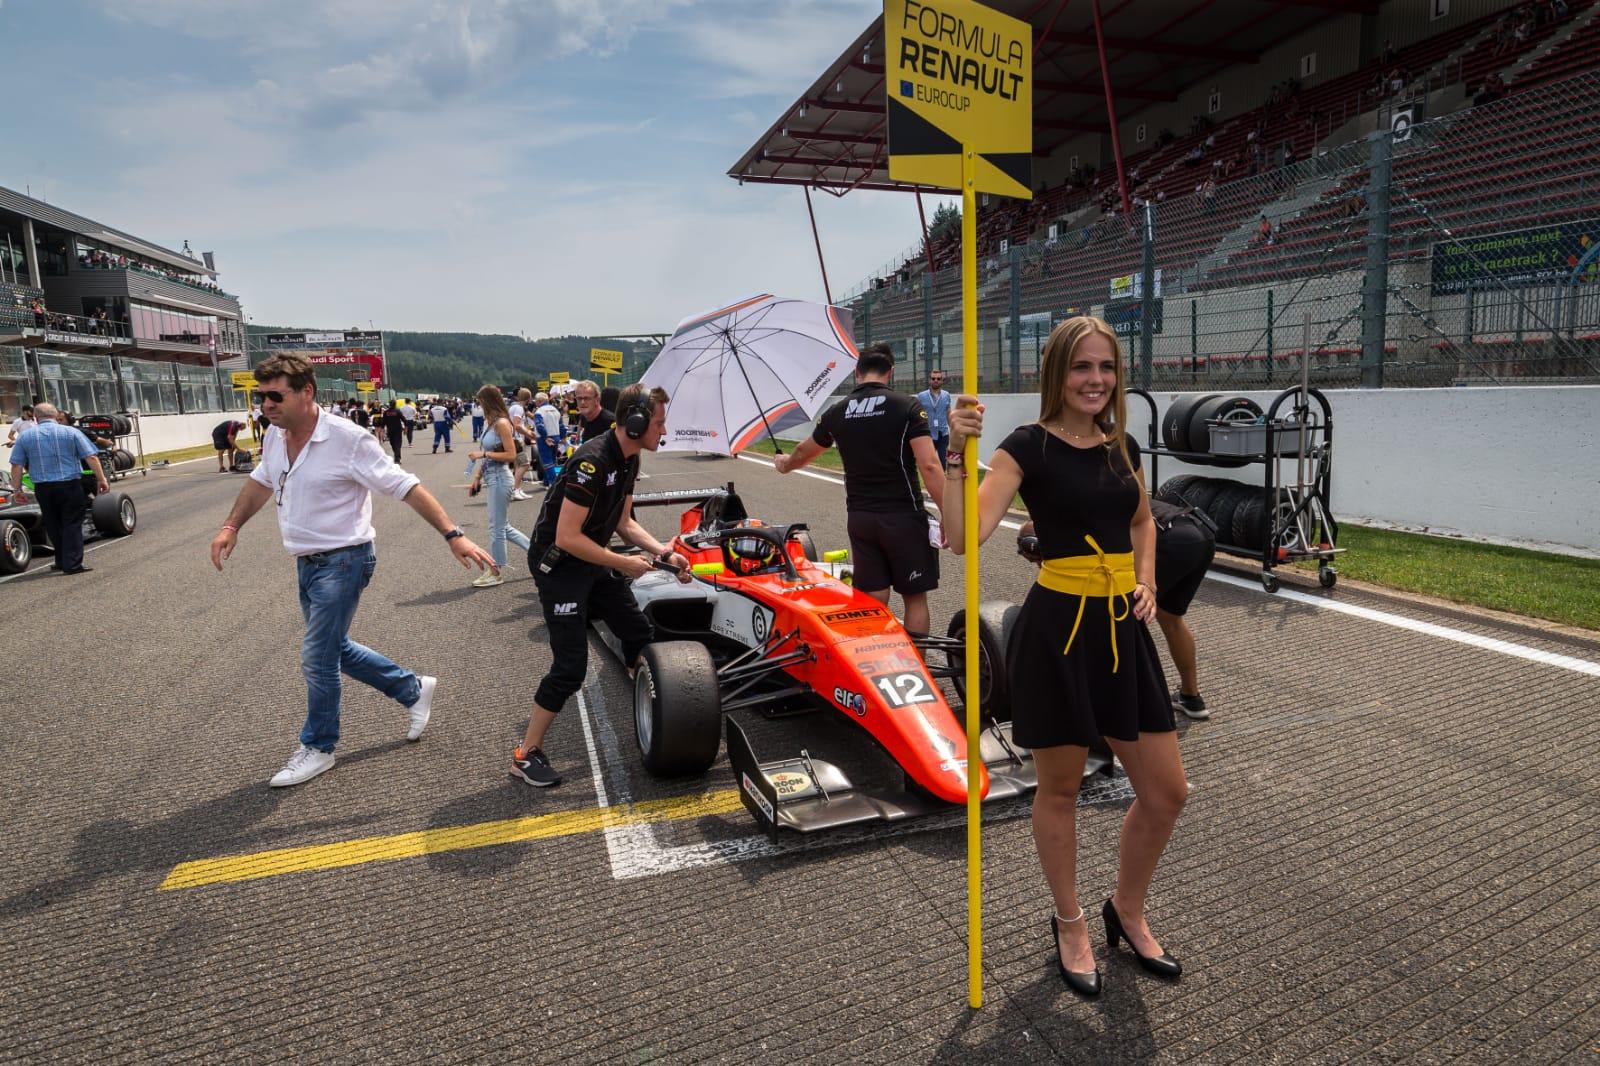 Brillante successo di Lorenzo Colombo in Formula Renault Euro Series